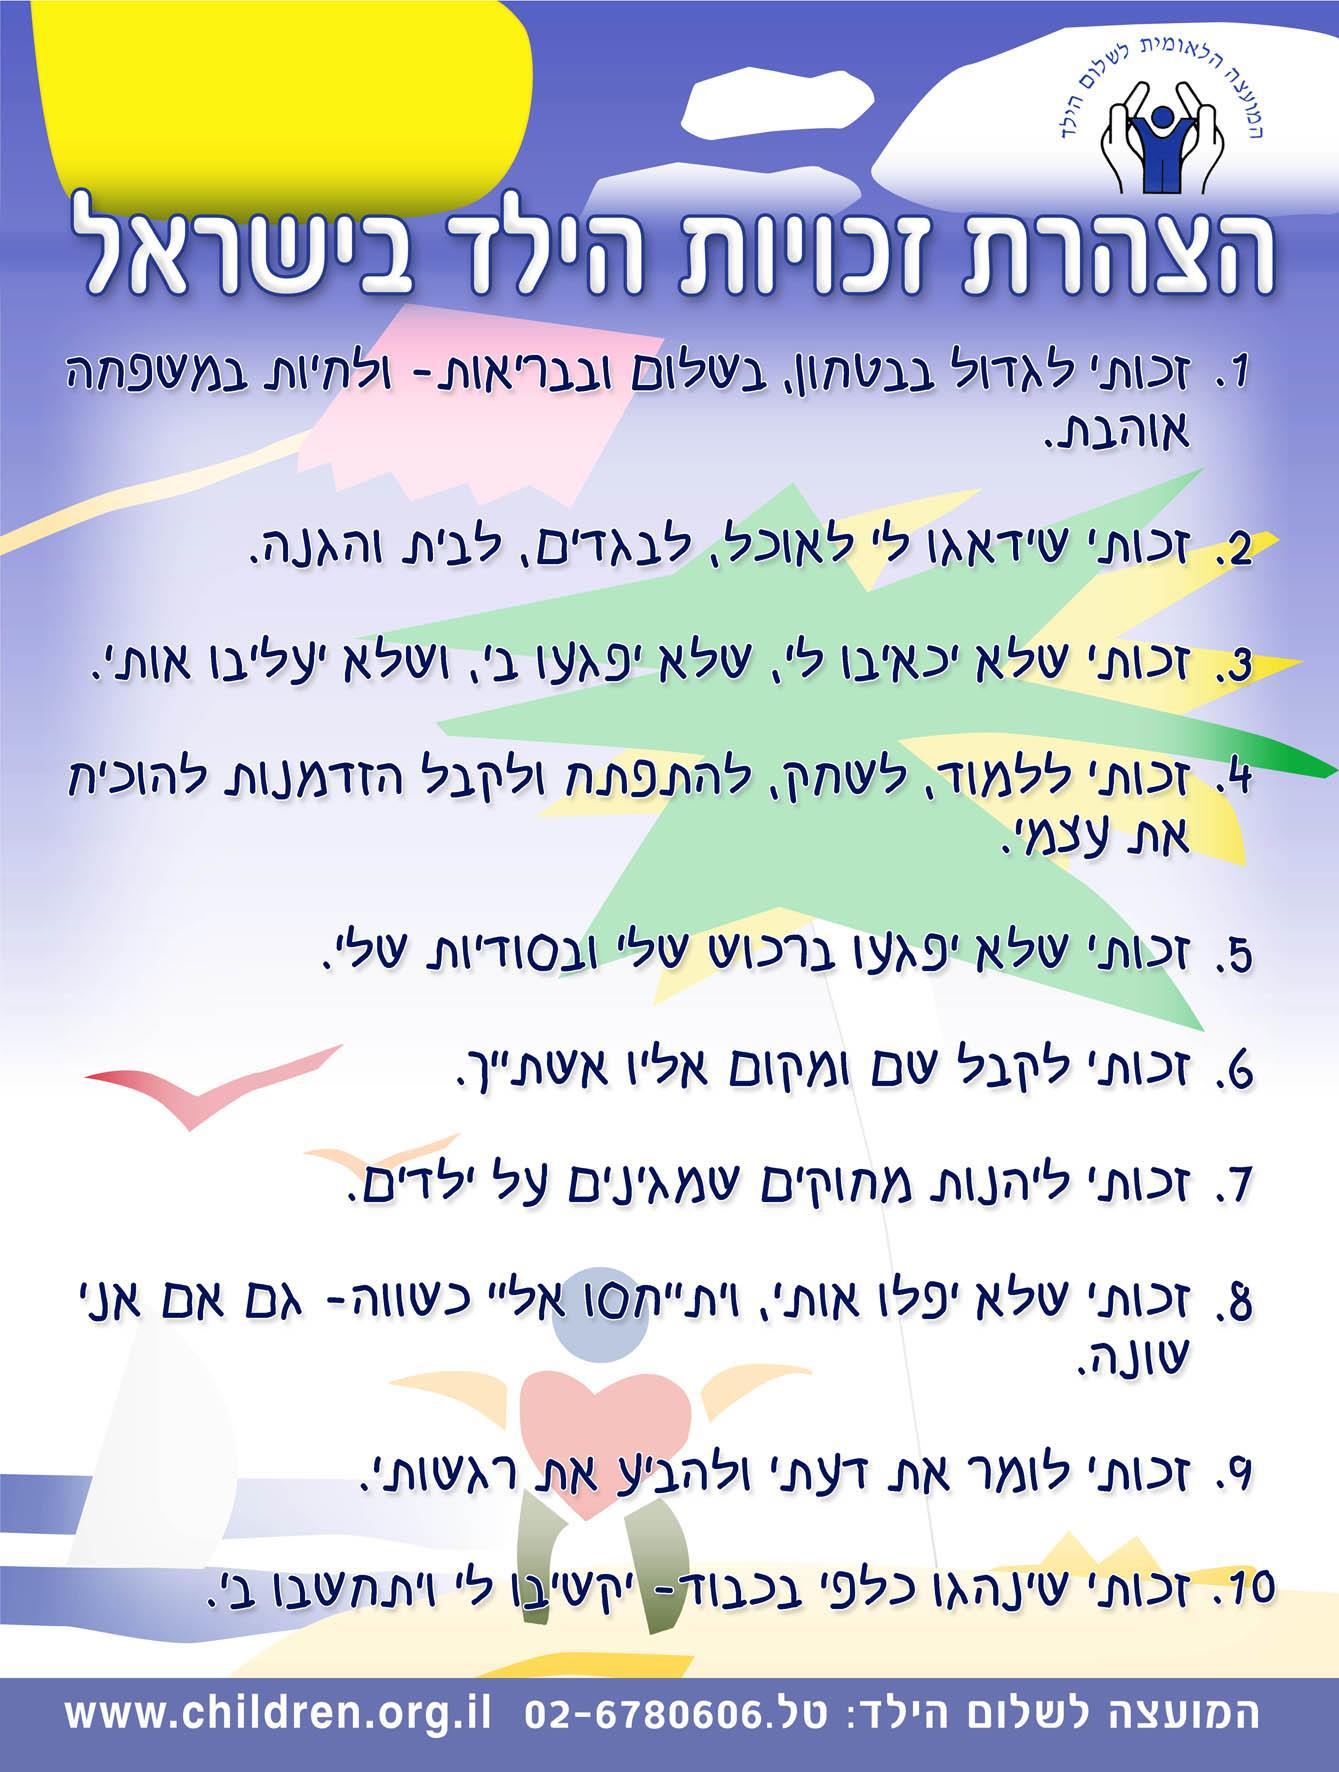 הצהרת זכויות הילד - שפת הילדים